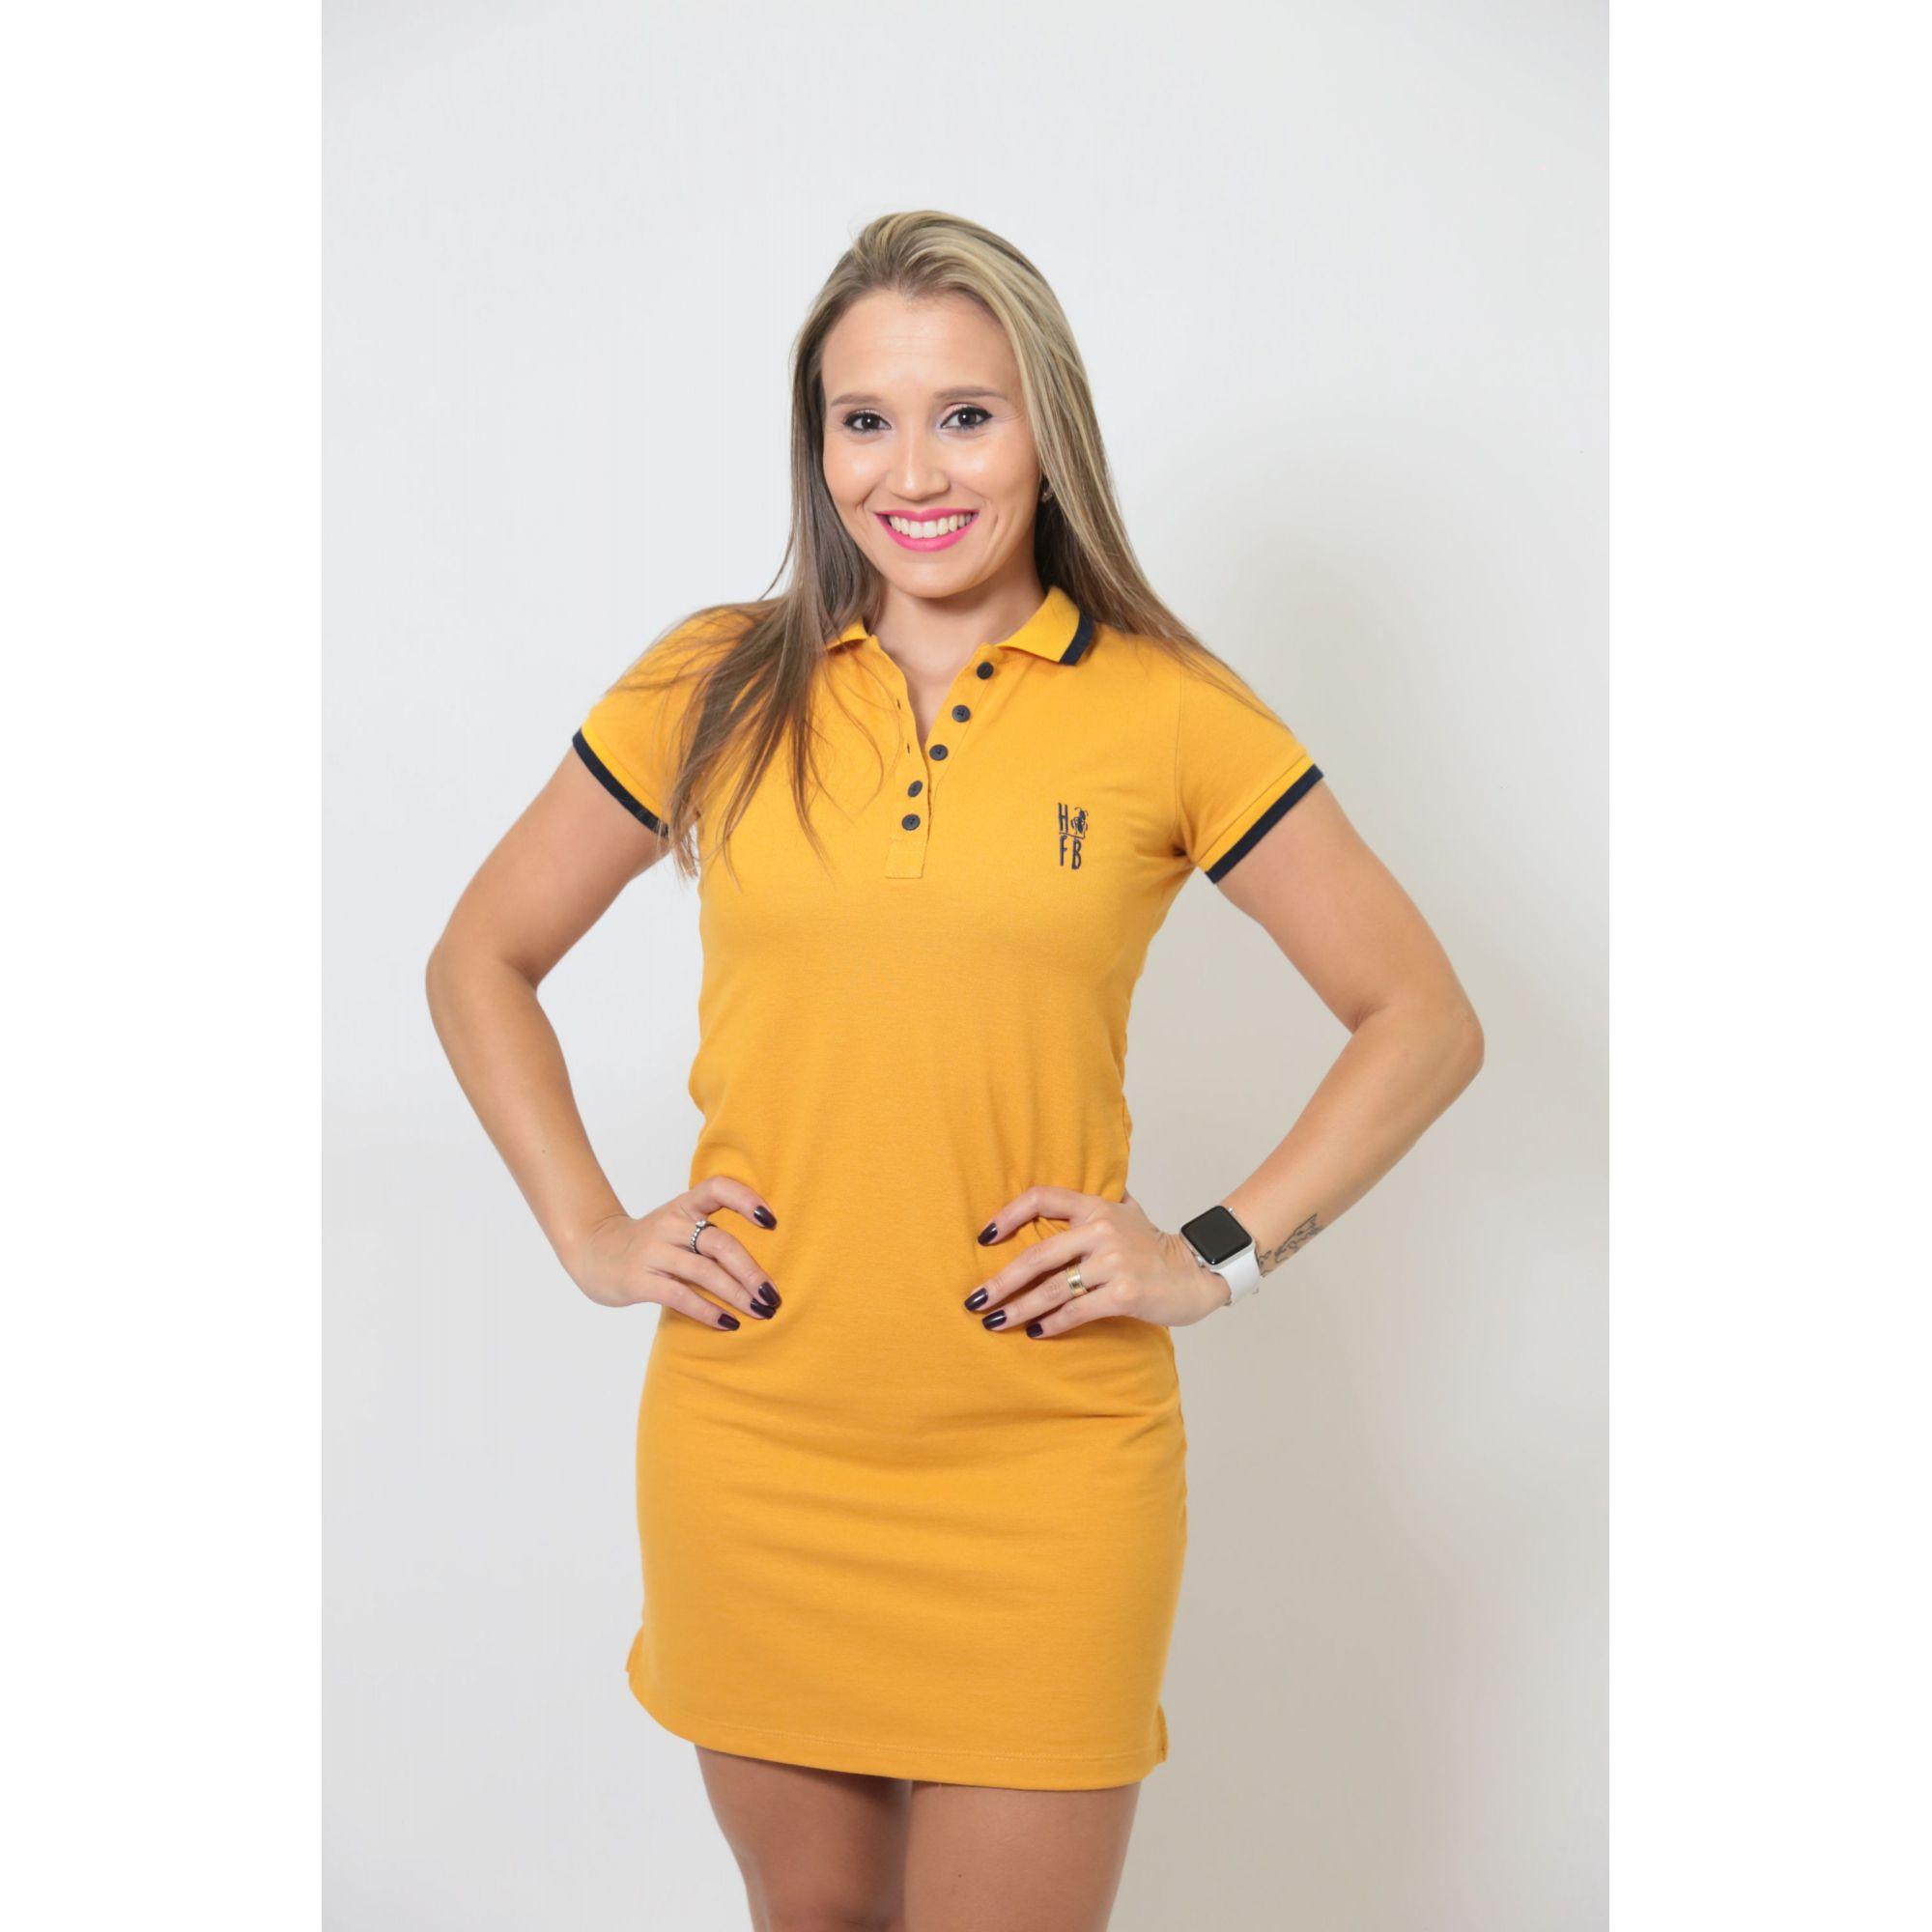 PAIS E FILHOS > Kit 3 peças Camisas ou Body Polo e Vestido Mostarda [Coleção Família]  - Heitor Fashion Brazil